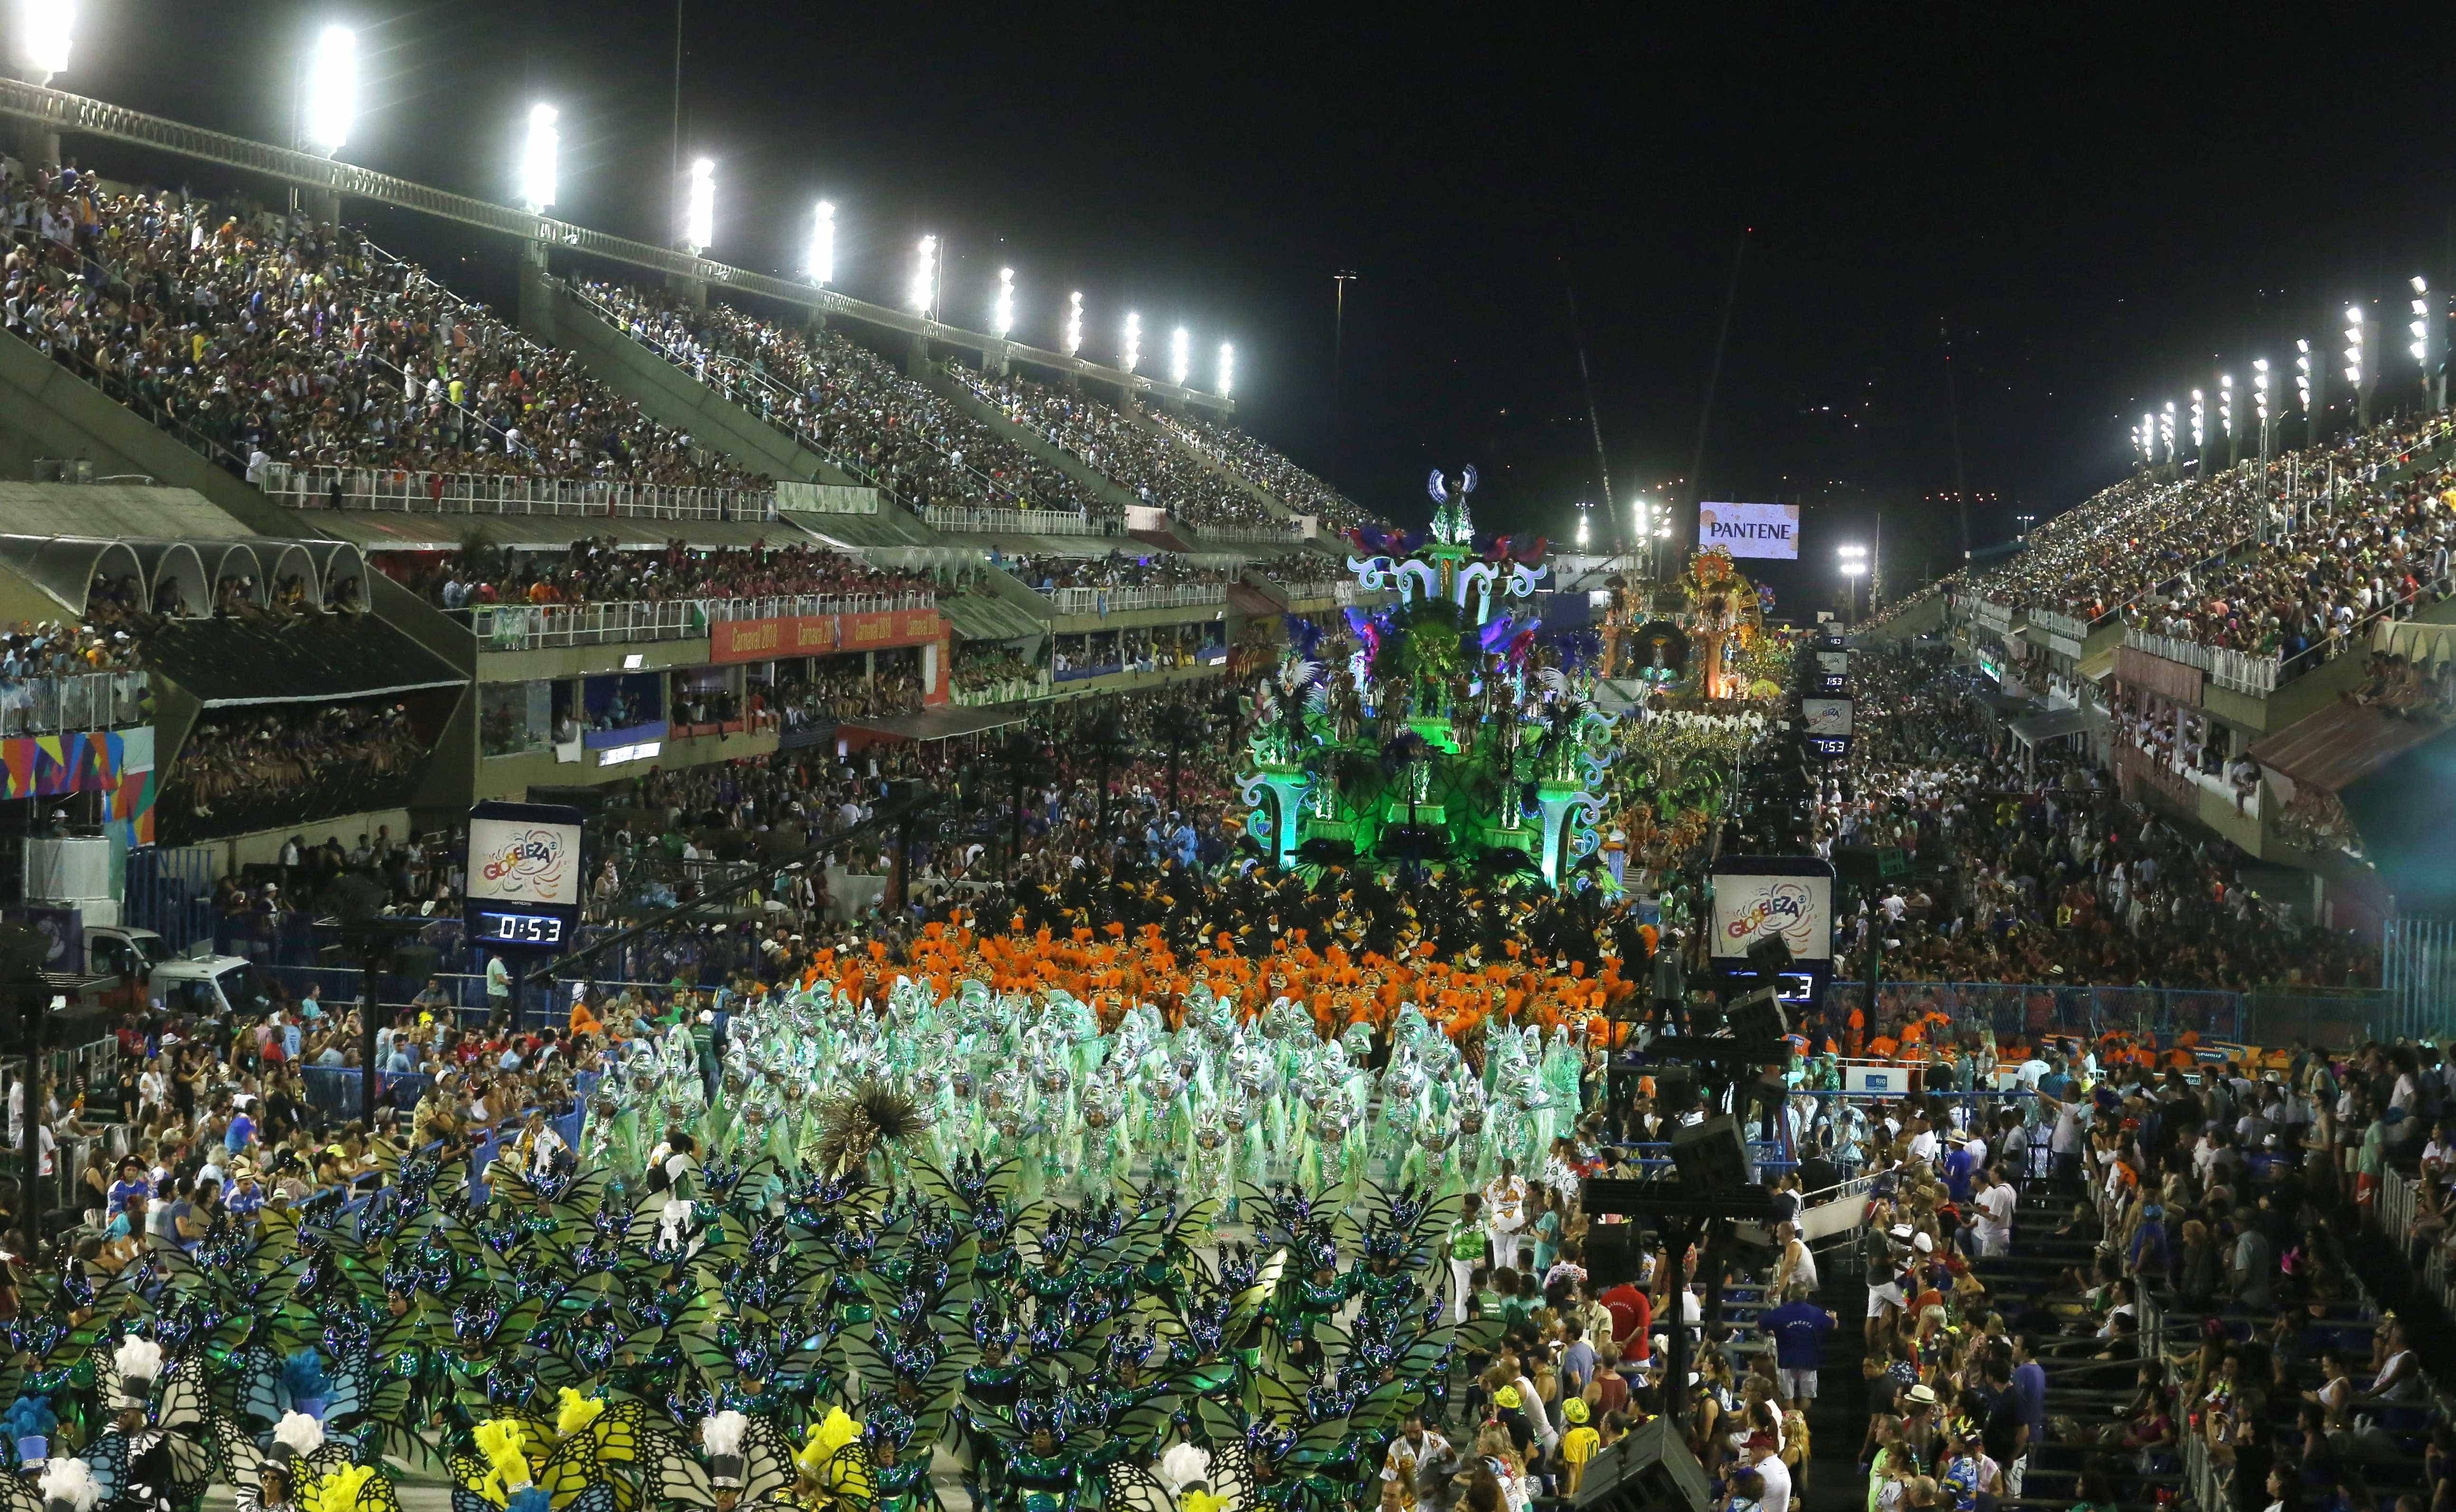 MP do Rio pede interdição do Sambódromo a um dia do carnaval